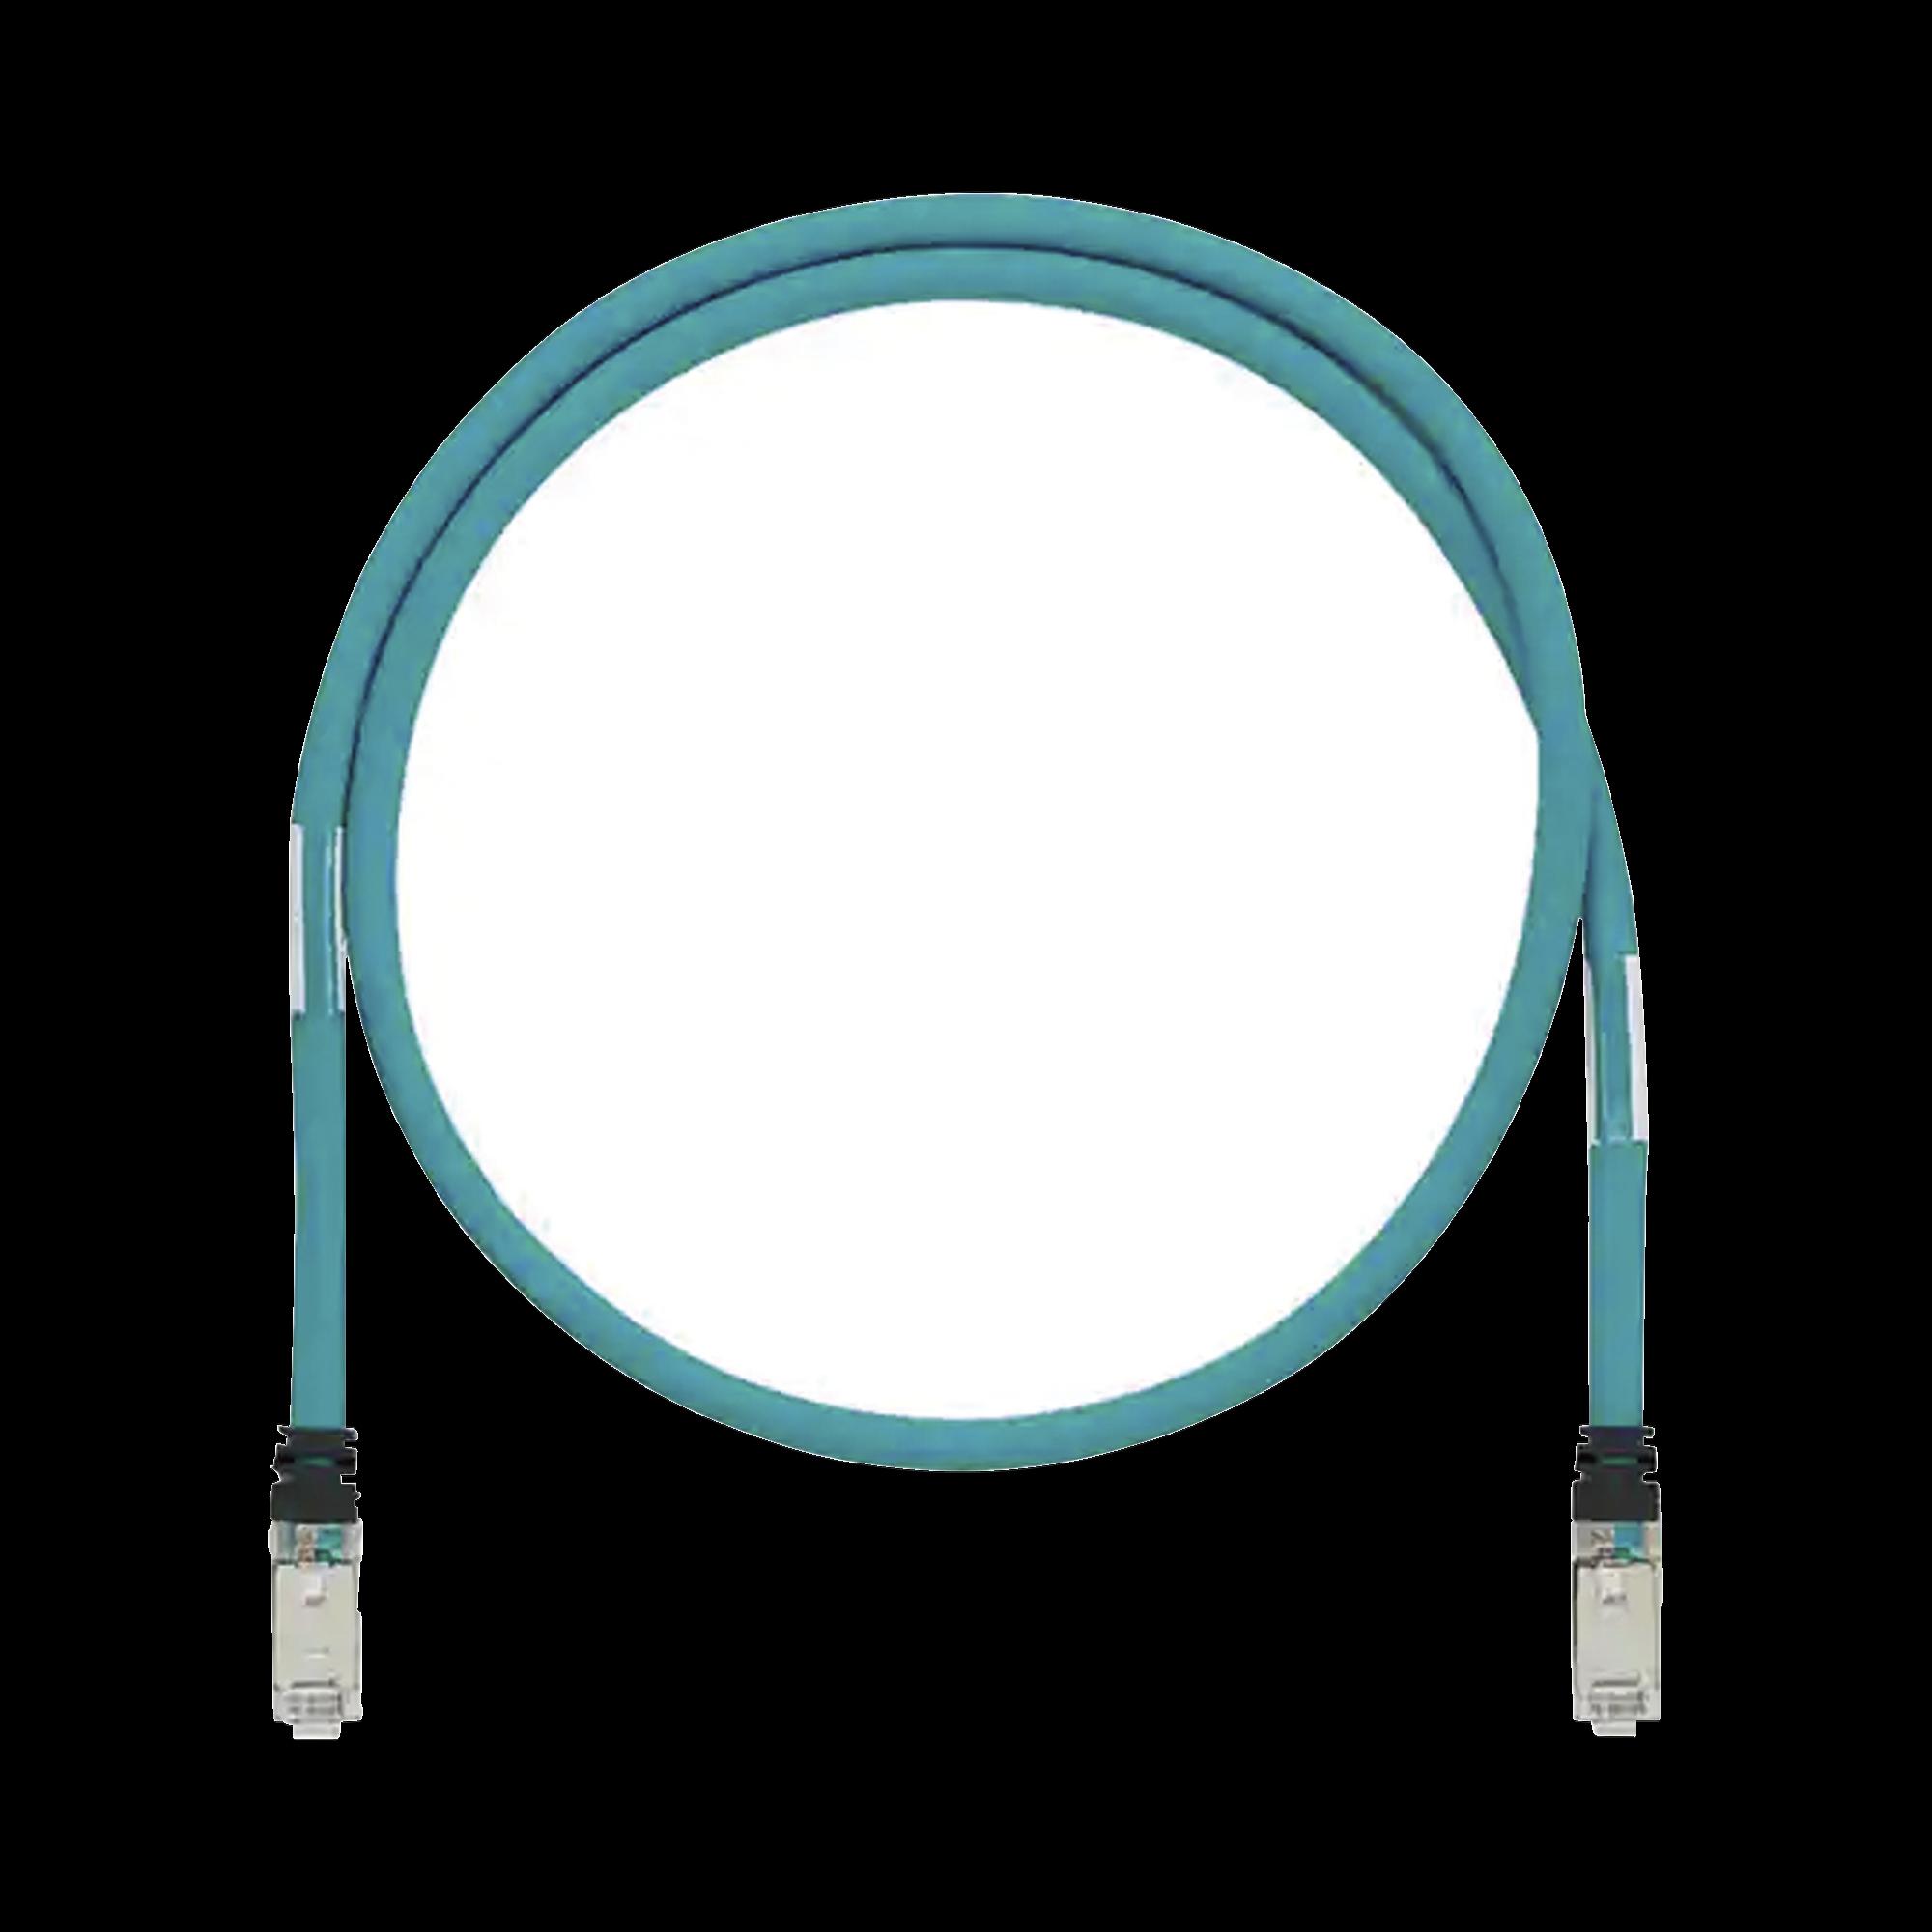 Patch Cord Cat6A de Grado Industrial 600V, Blindado SF/UTP, Calibre 26 AWG, Color Aqua, 5m